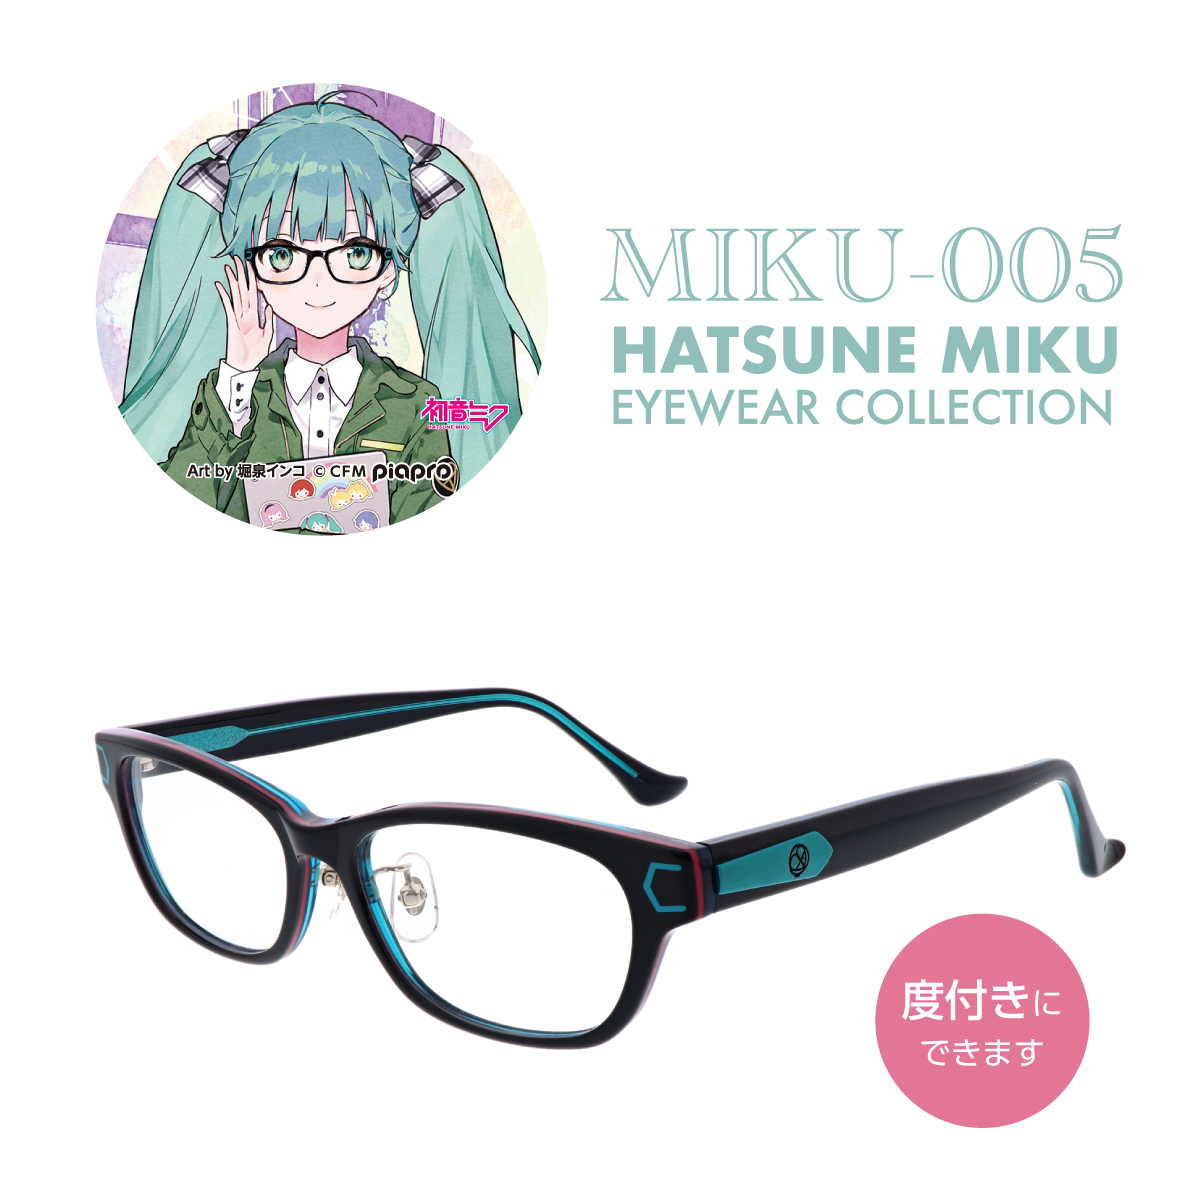 MIKU-005 初音ミク 評判 PCメガネ ブルーライトカット UVカット標準装備 年中無休 度付きにできます G2083695 度付き可能 グッズ コラボ セルフレーム